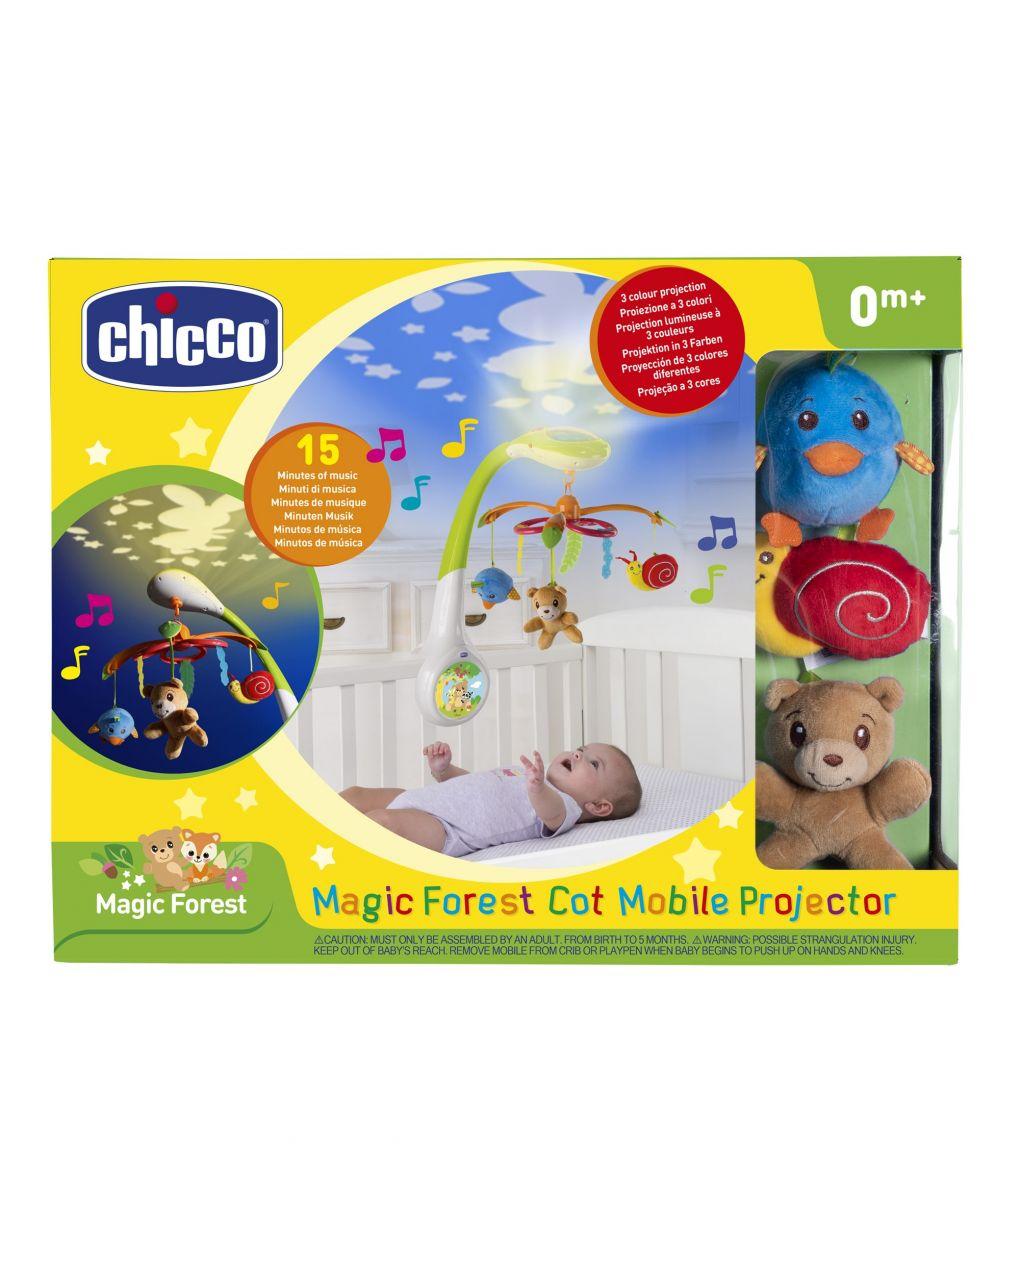 Chicco - projeções mágicas da floresta móvel - Chicco